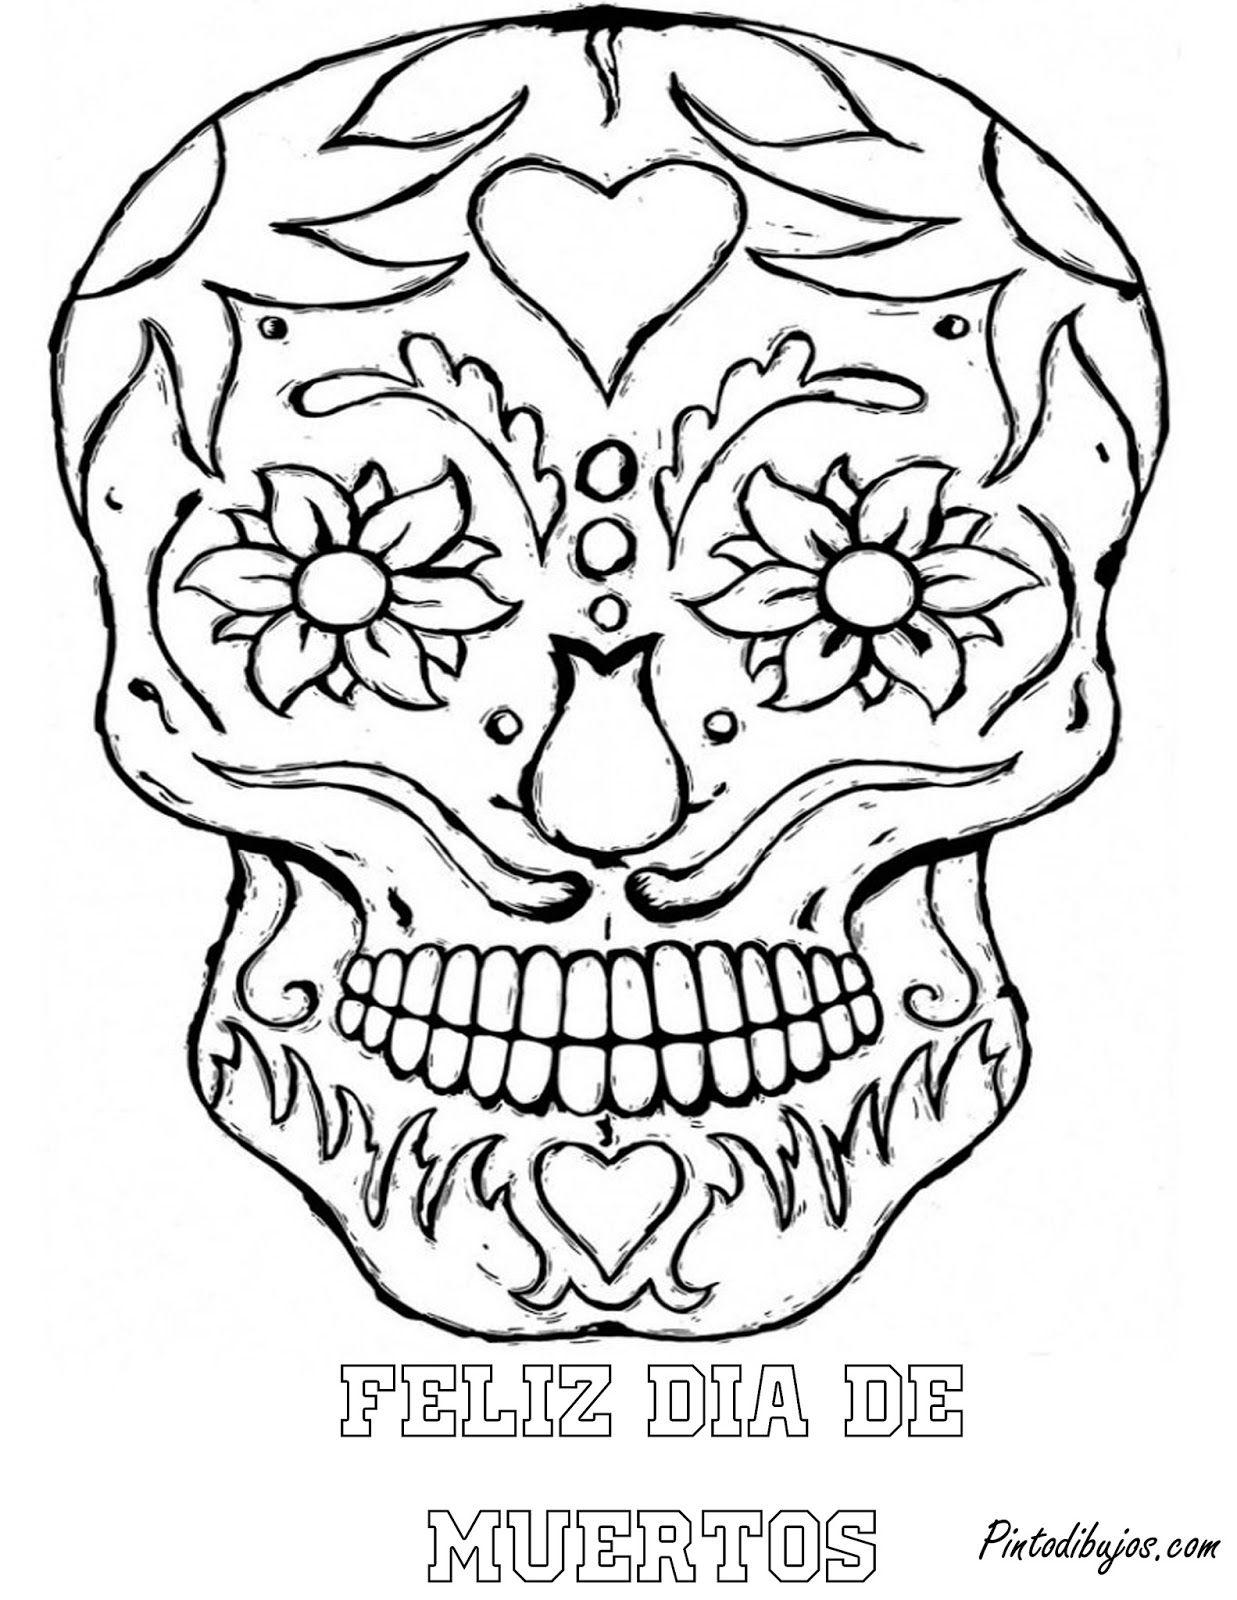 El Dia De Los Muertos Skulls Coloring Pages